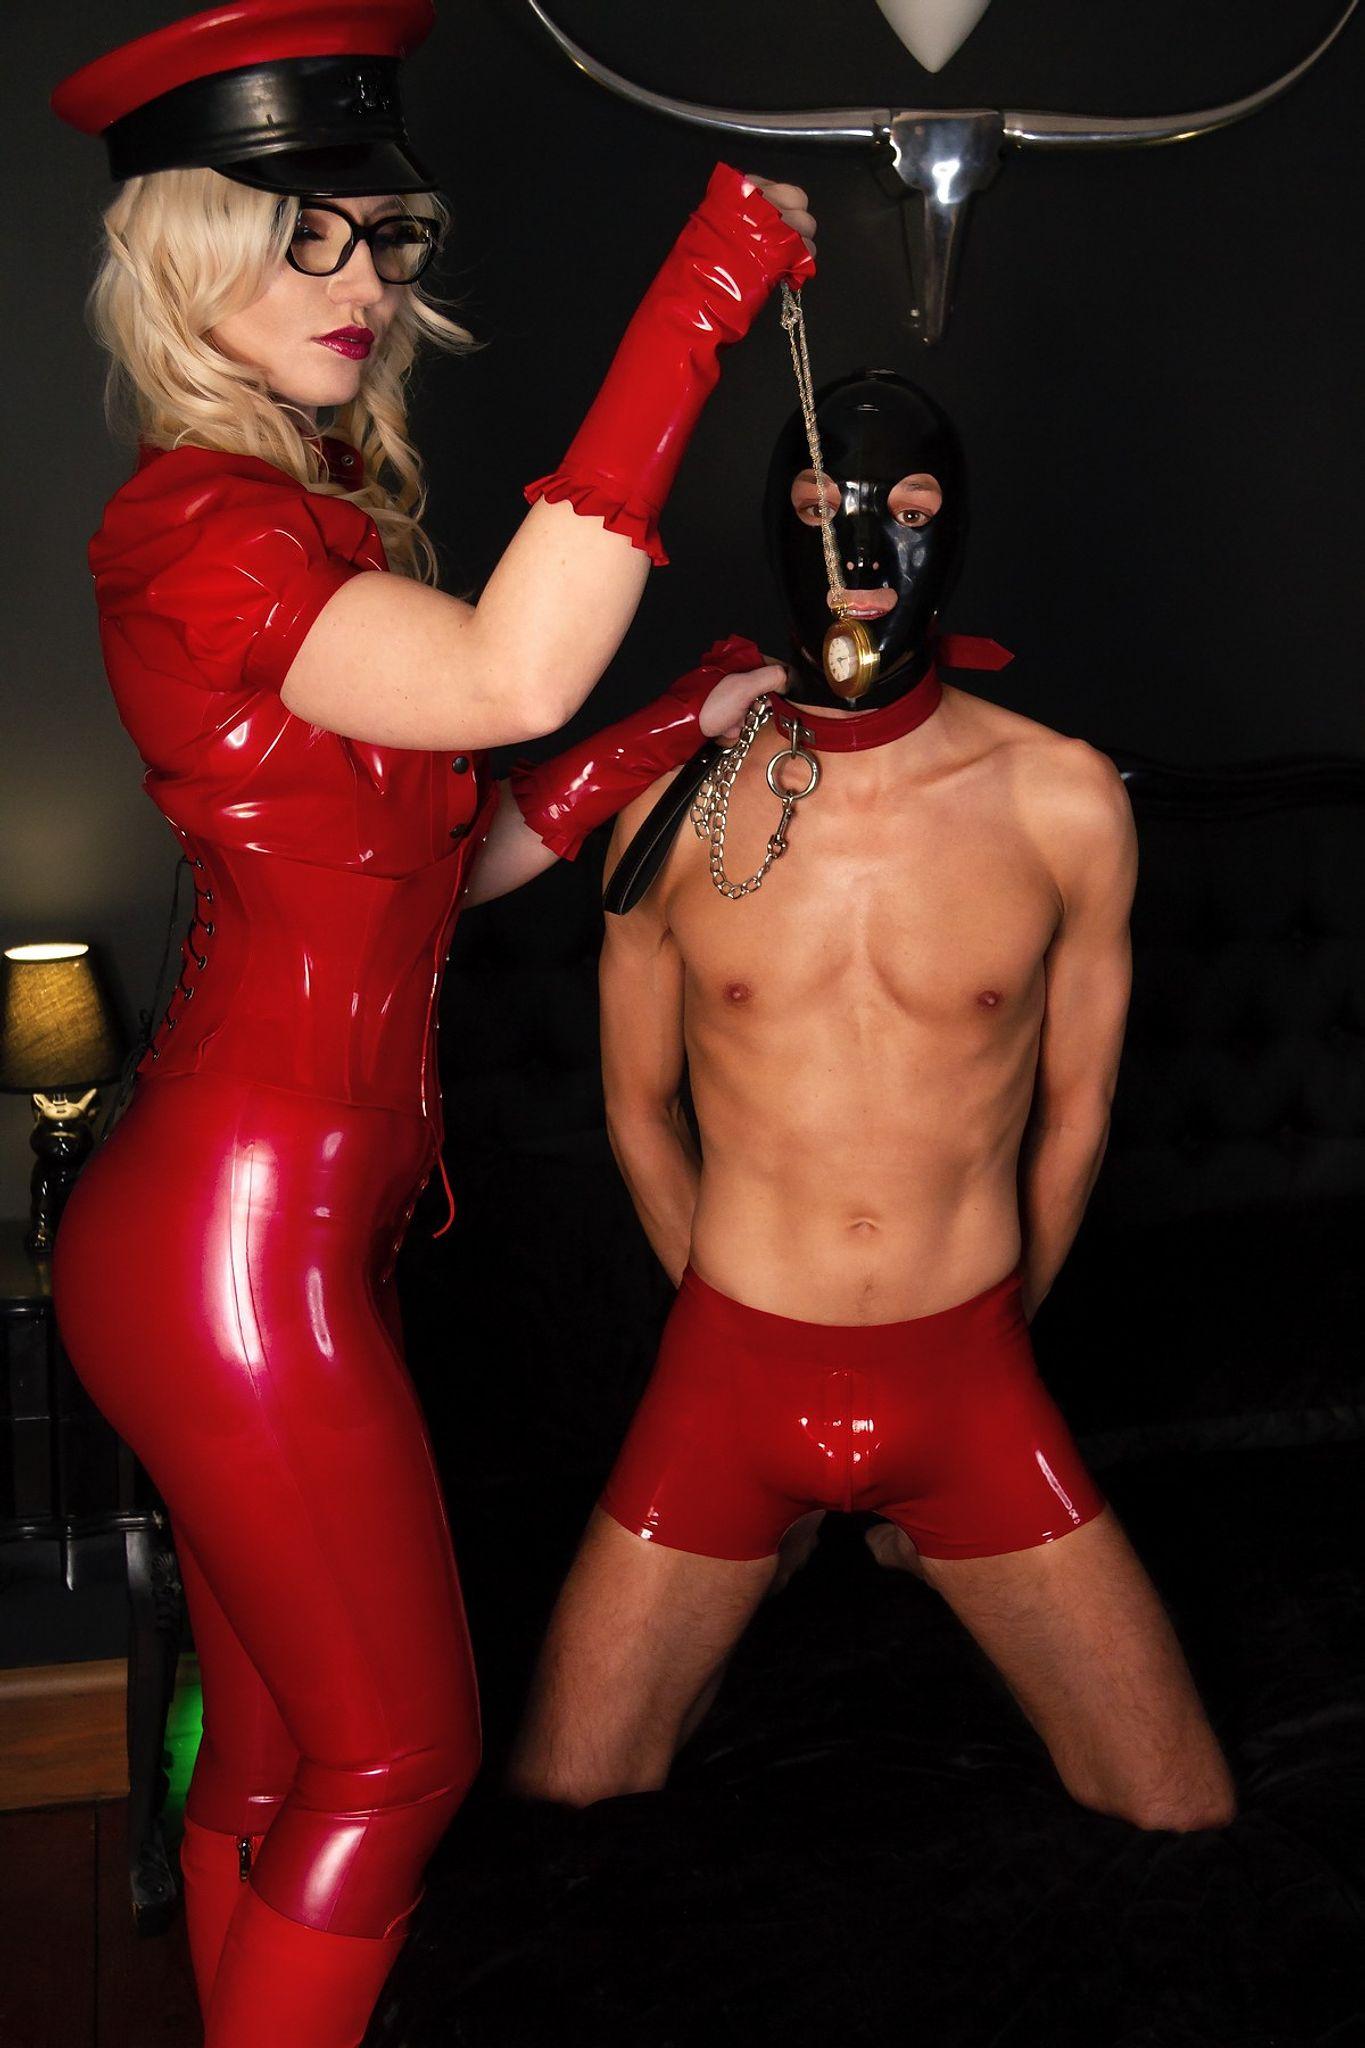 hypnosis dominatrix